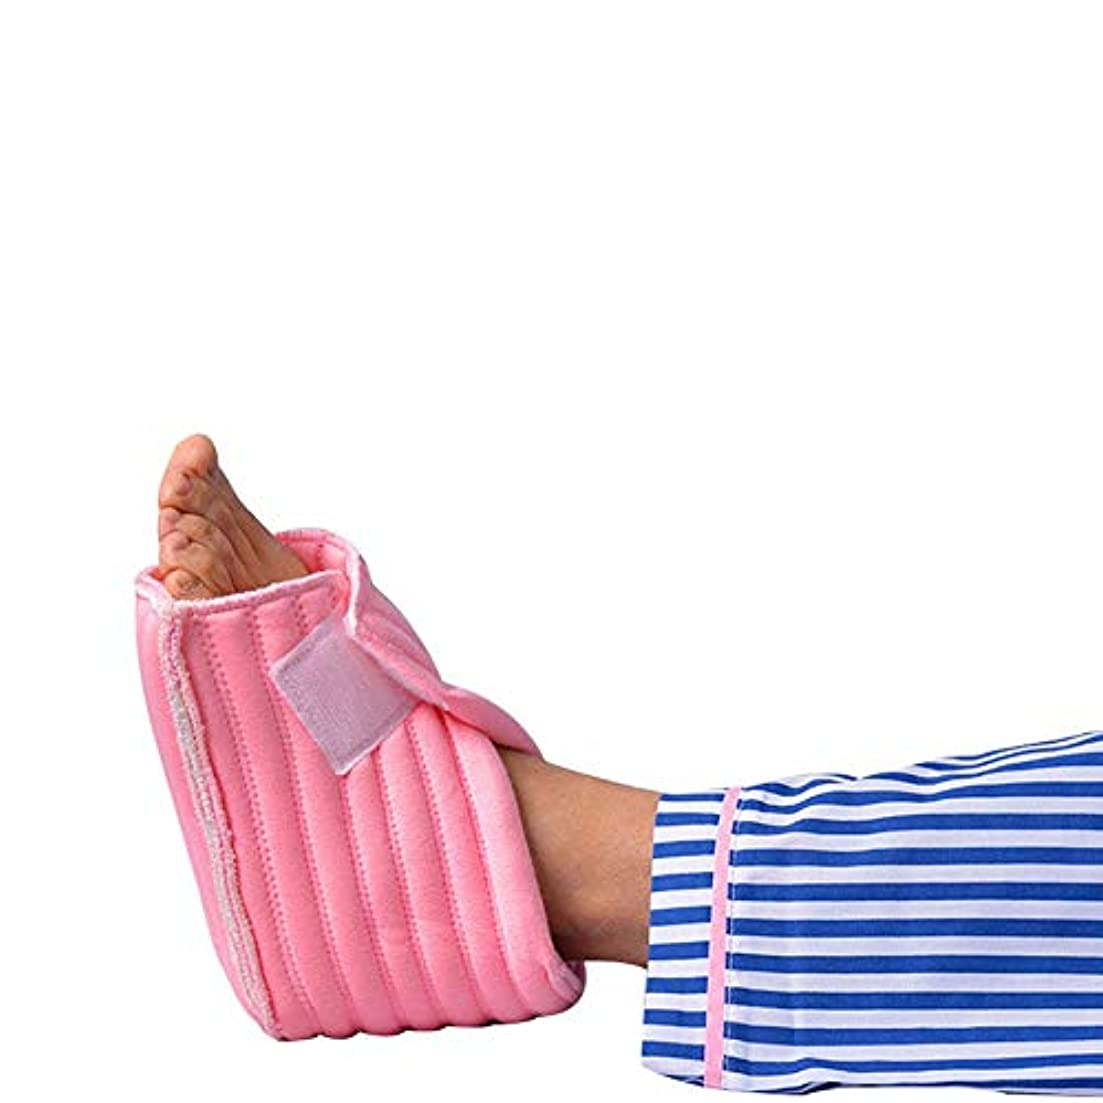 知的トピック驚ヒールクッションプロテクター、一対の足枕かかと褥瘡をパッド通気性水分吸上コア